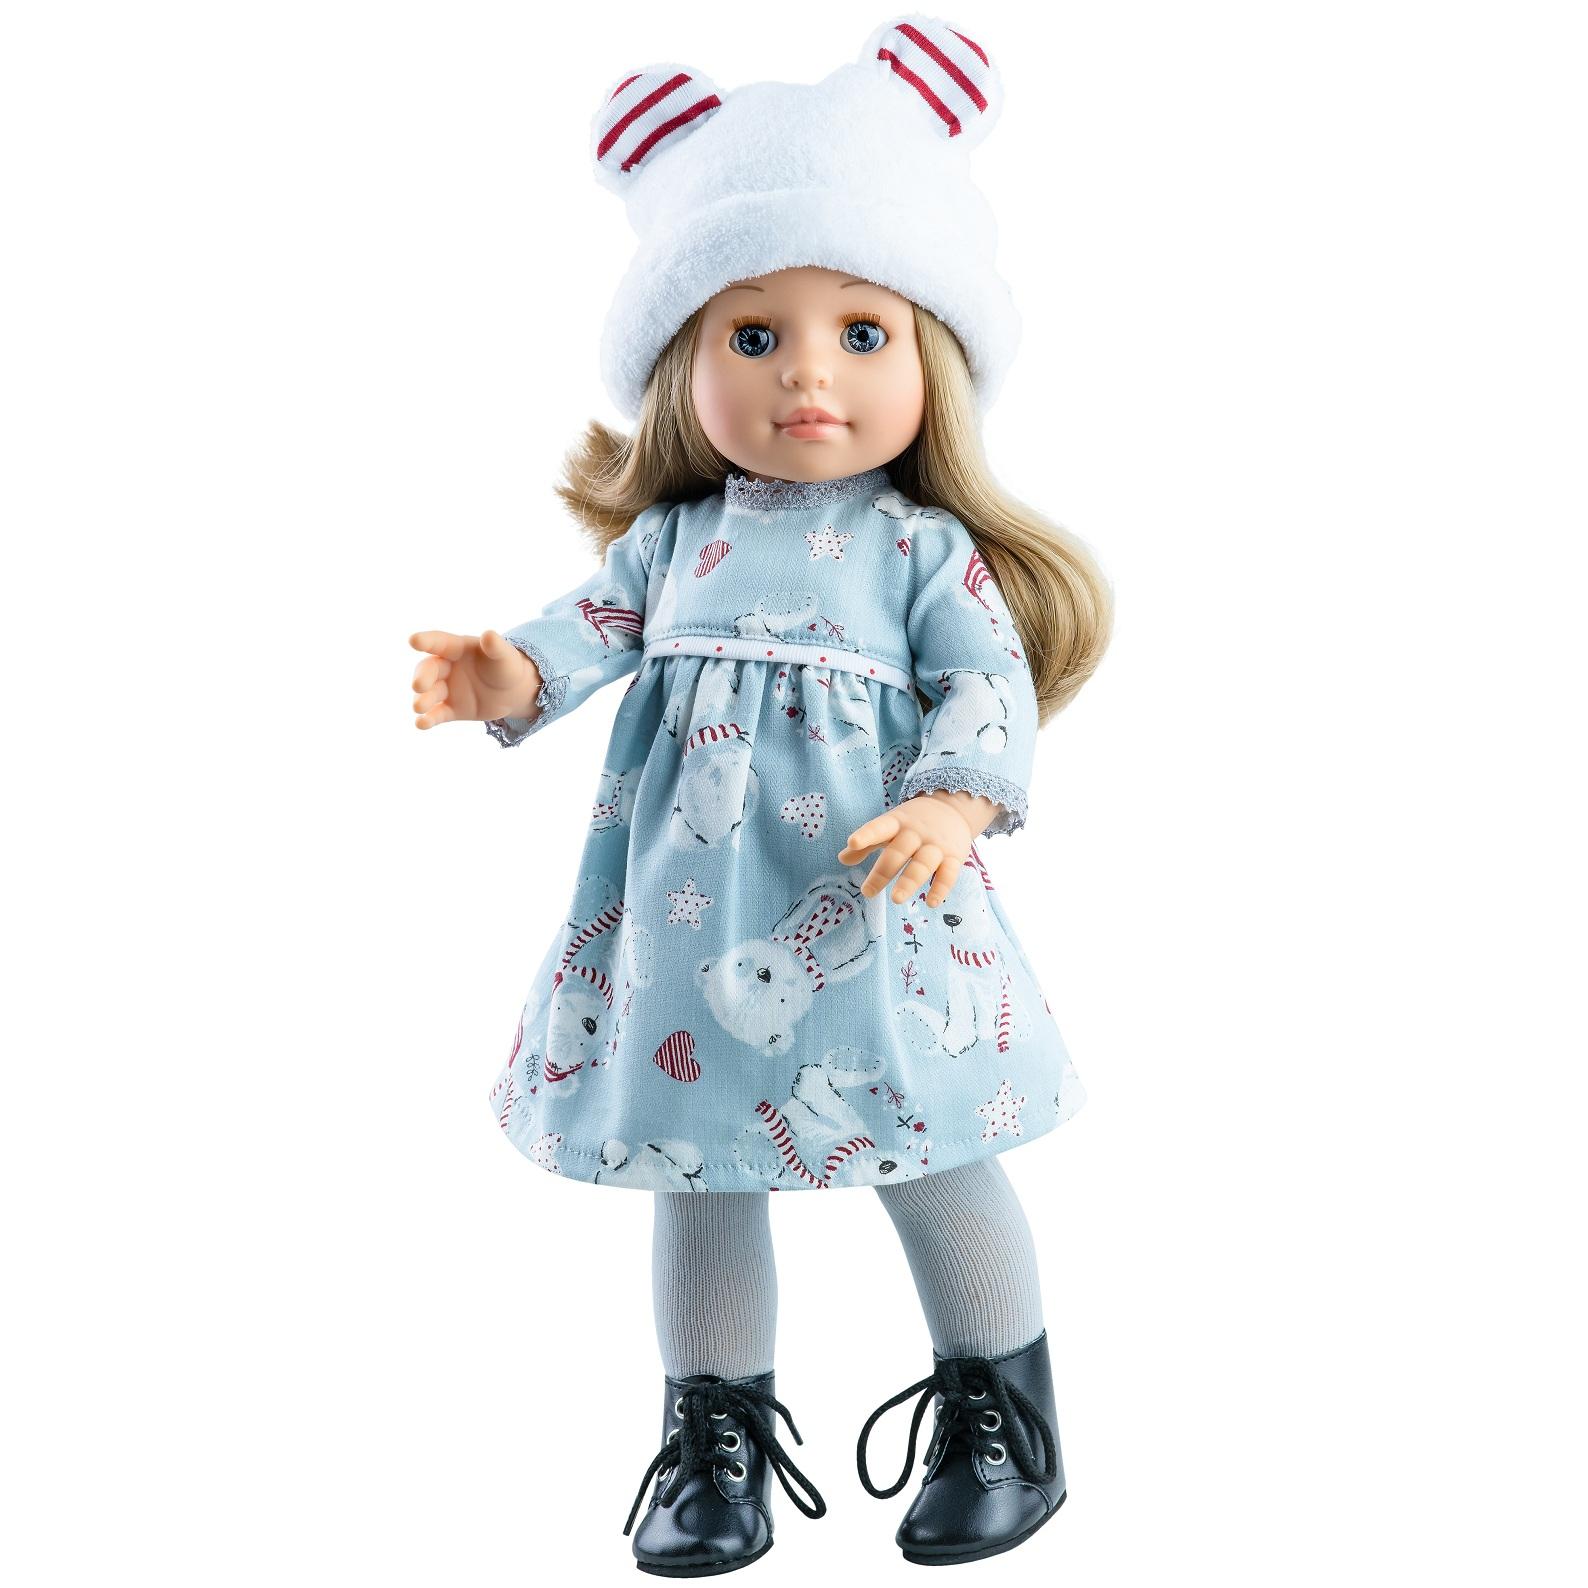 куклы паола рейна каталог все фото обрабатывает данные, полученные